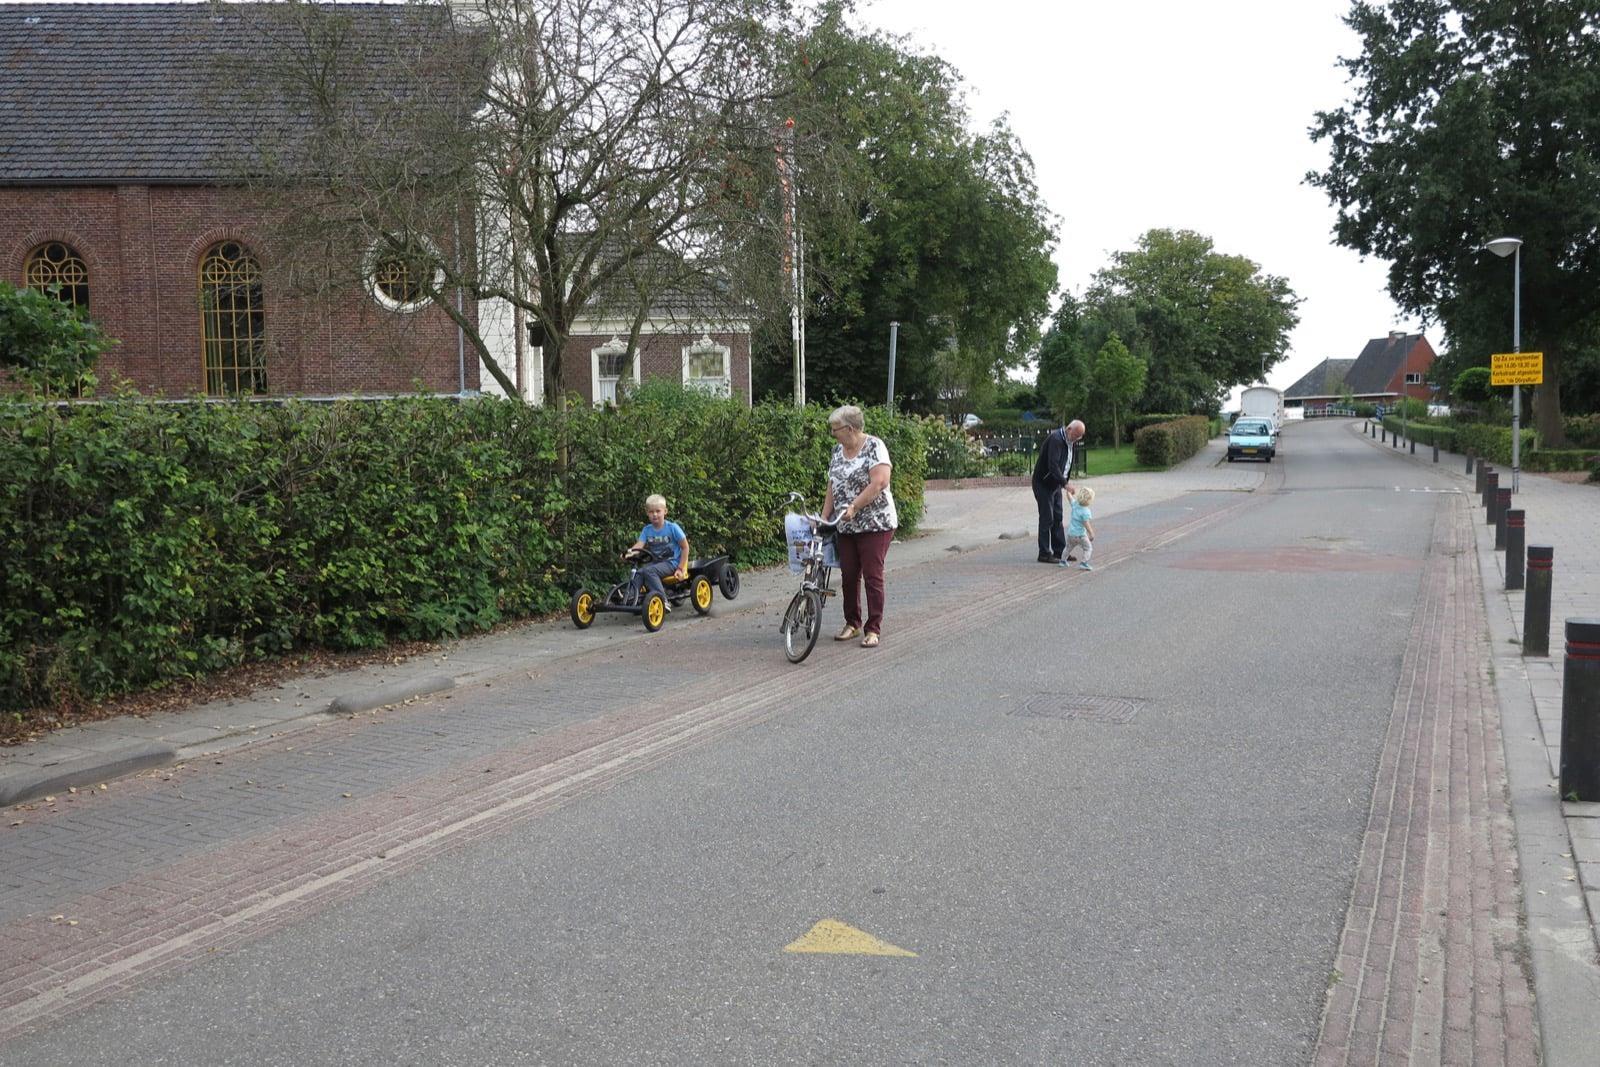 et-fiets-en-fietser-87-opa-en-oma-mollema-oi.jpg